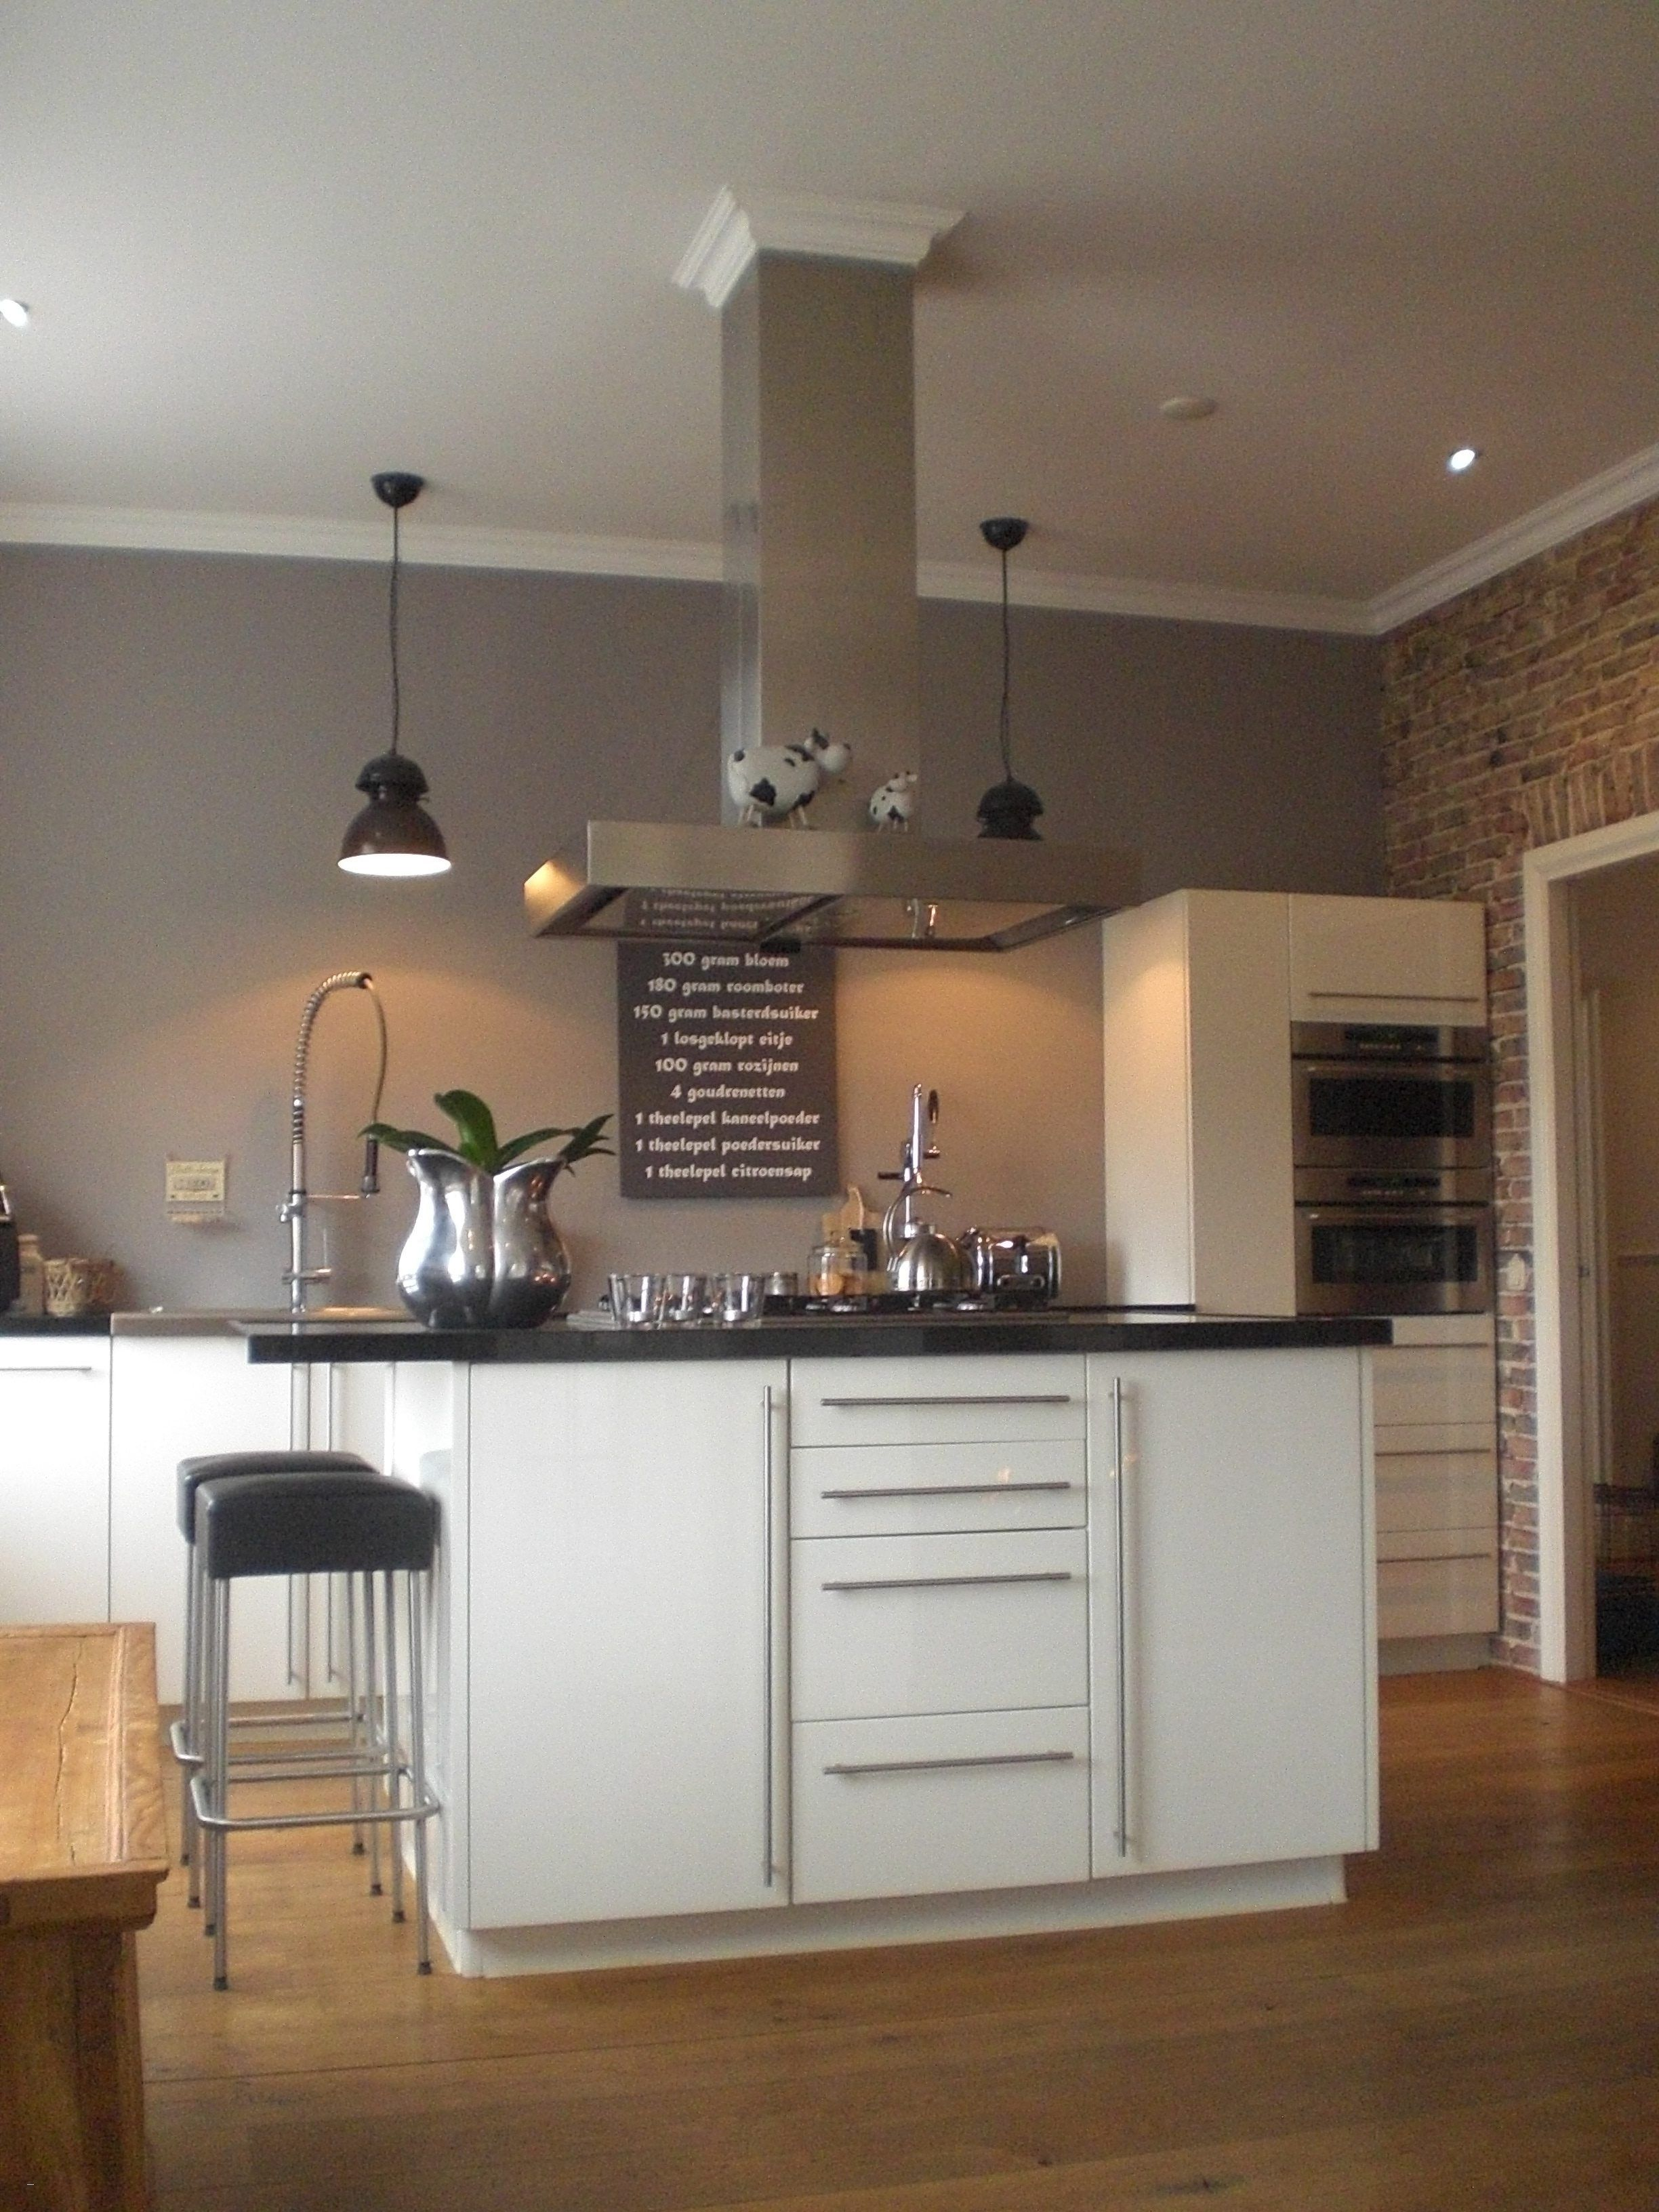 Fantastisch Graue Farbe Für Küchenwände Ideen - Küche Set Ideen ...